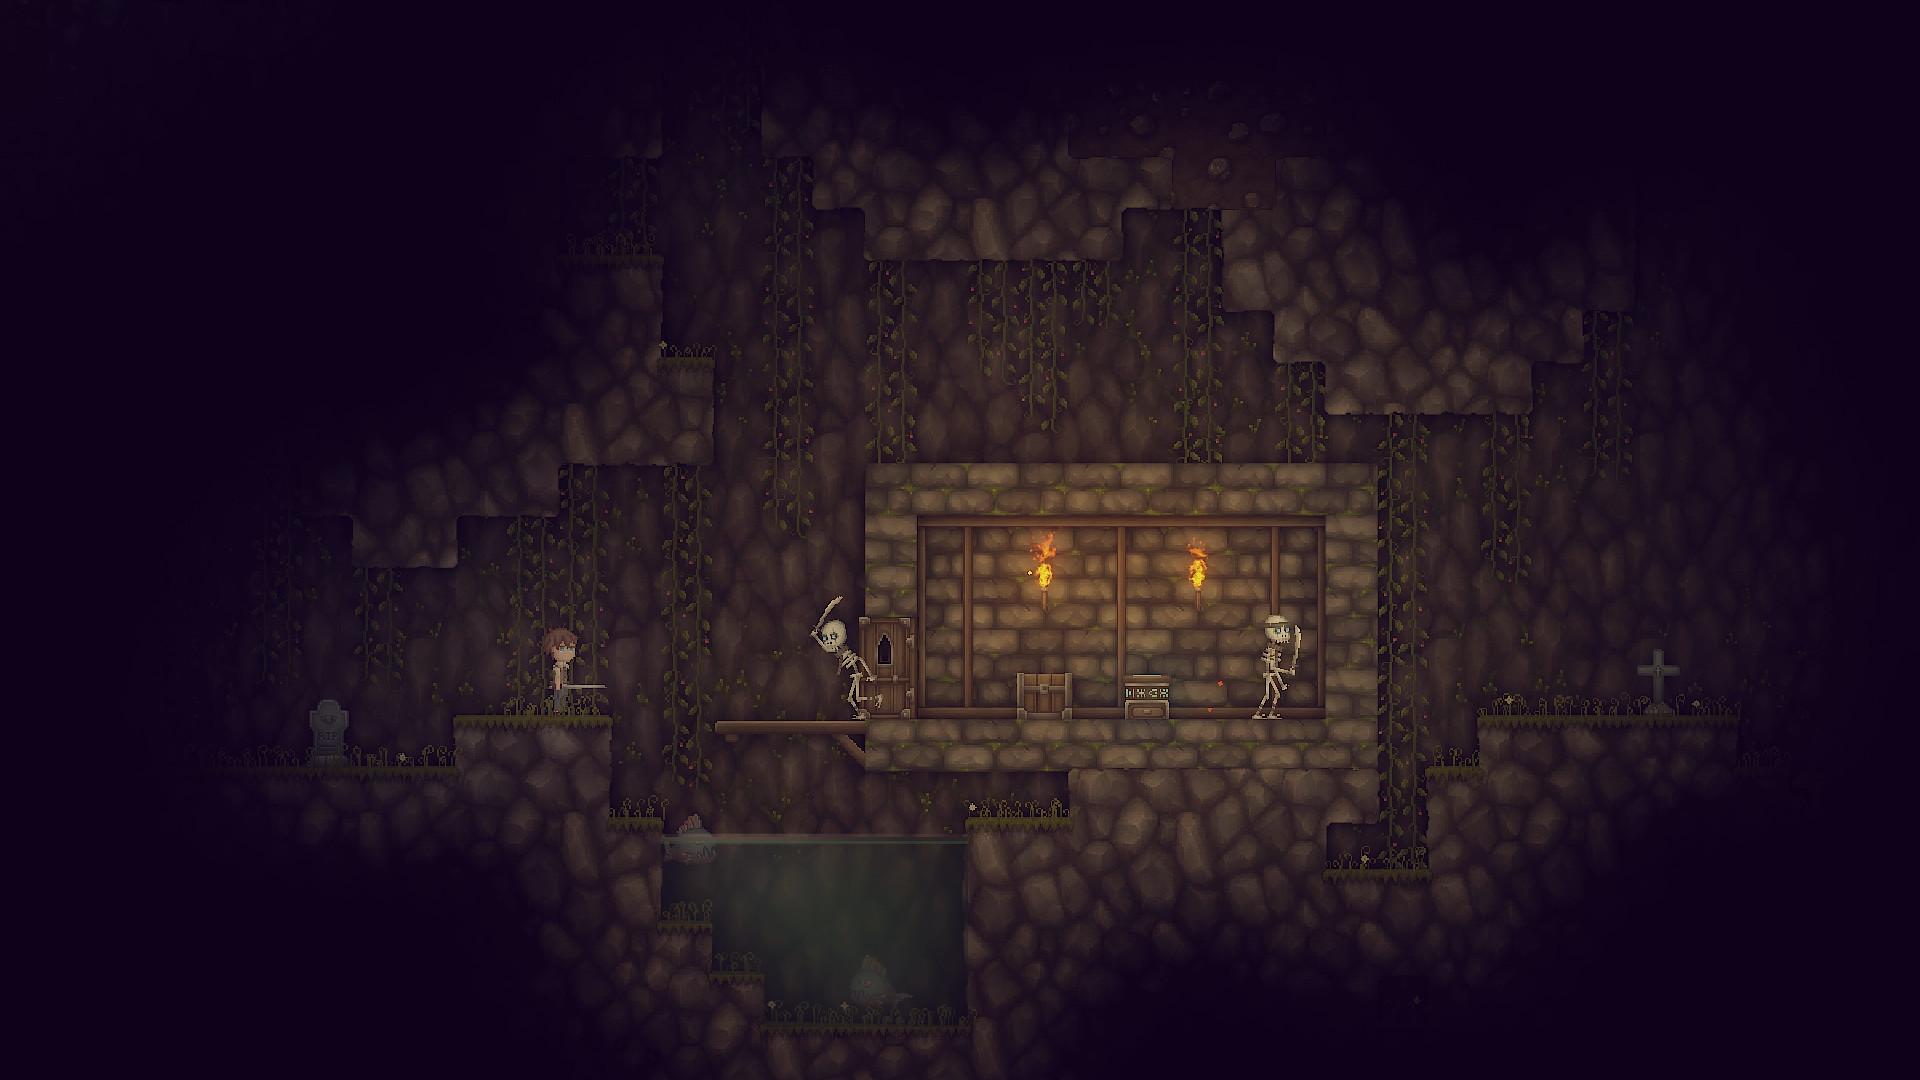 Alchemage screenshot